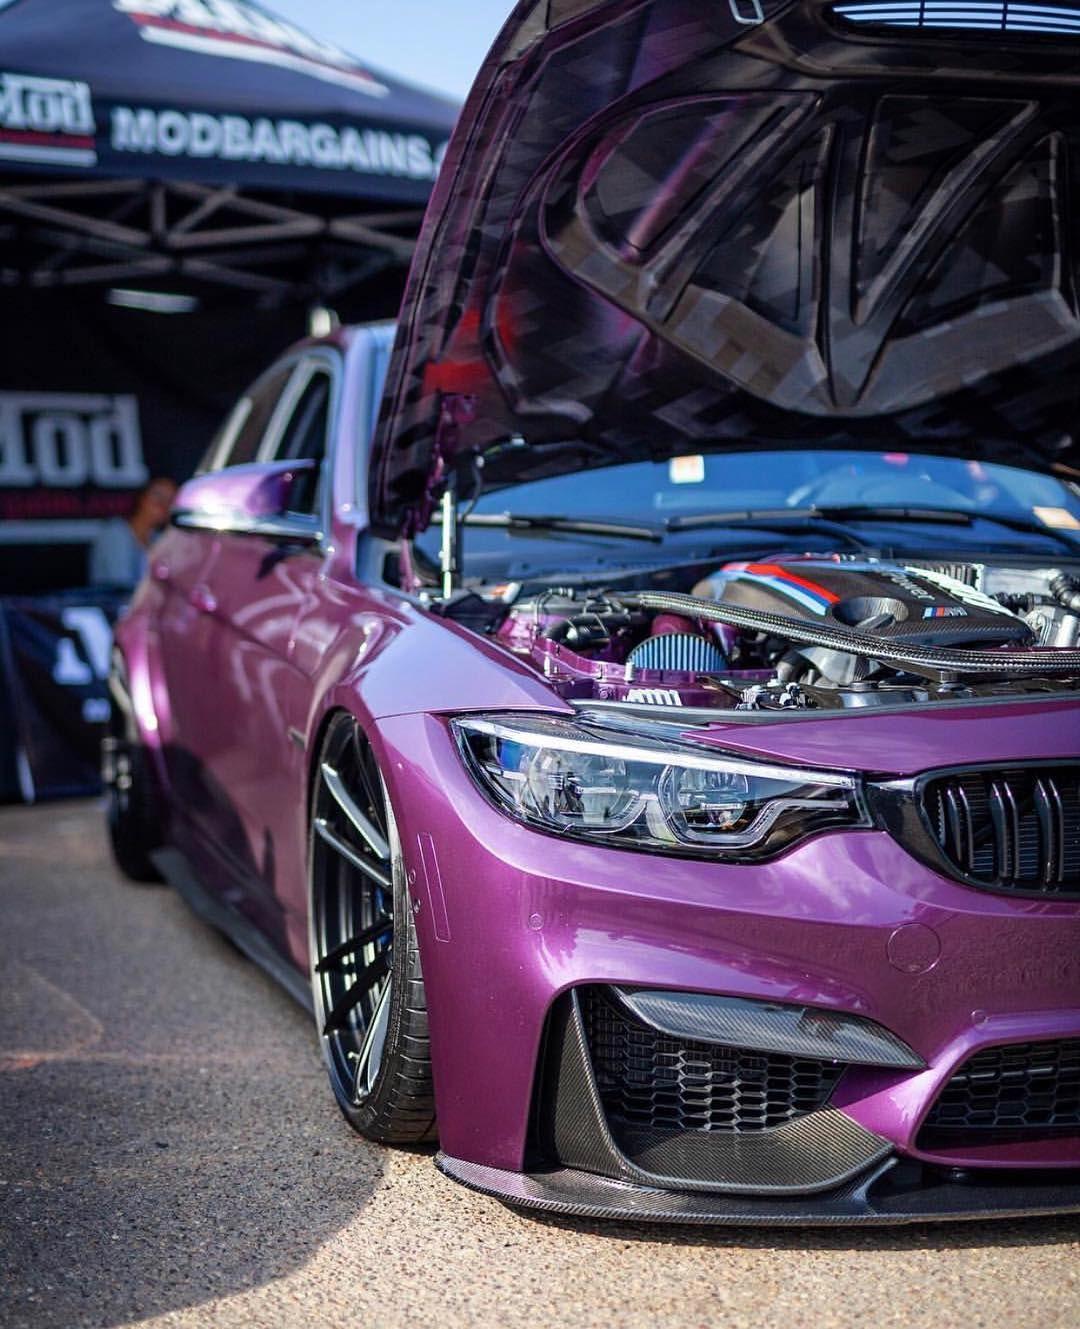 Bmw F82 M4 Slammed In Bmw Individual Purple Silk Metallic Bmw Bmw Cars Bmw M4